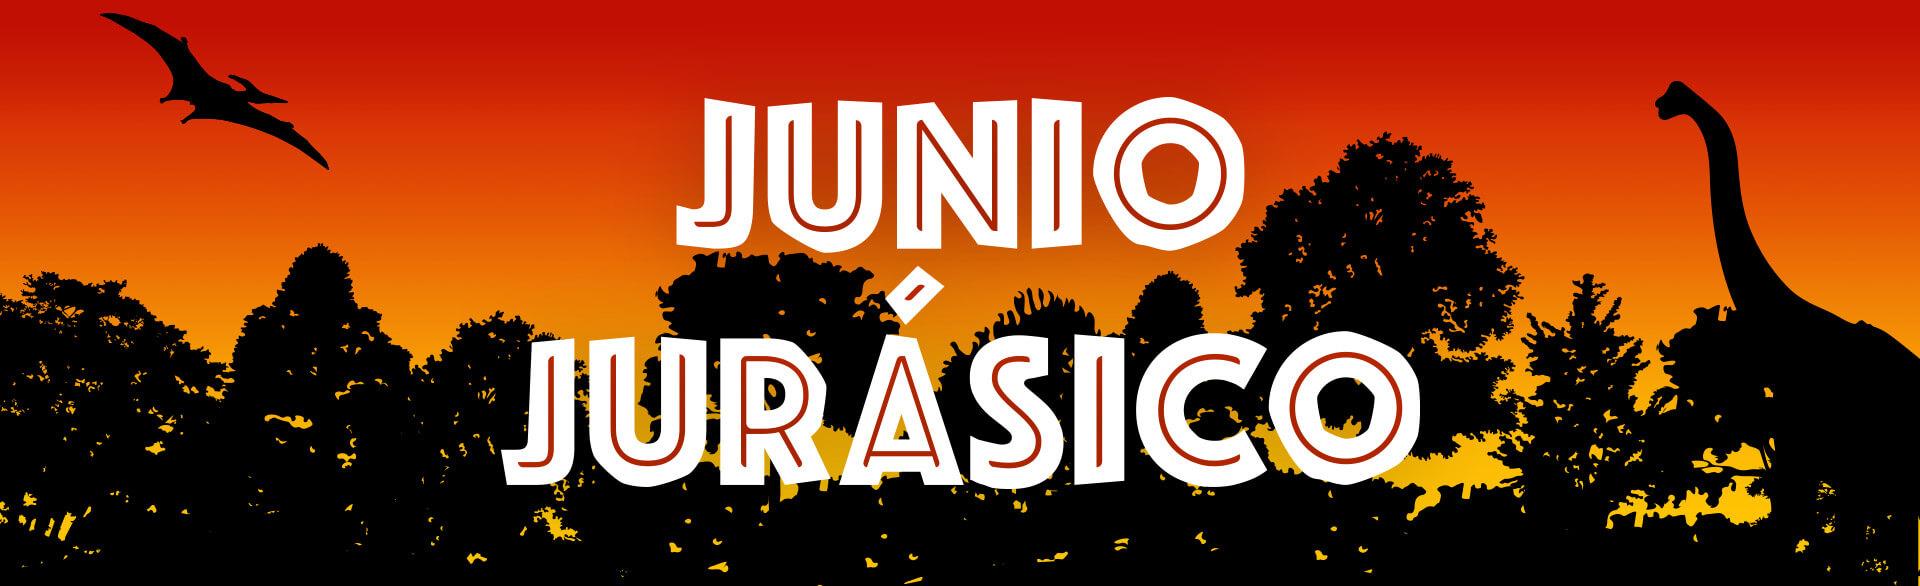 JUNIO JURÁSICO